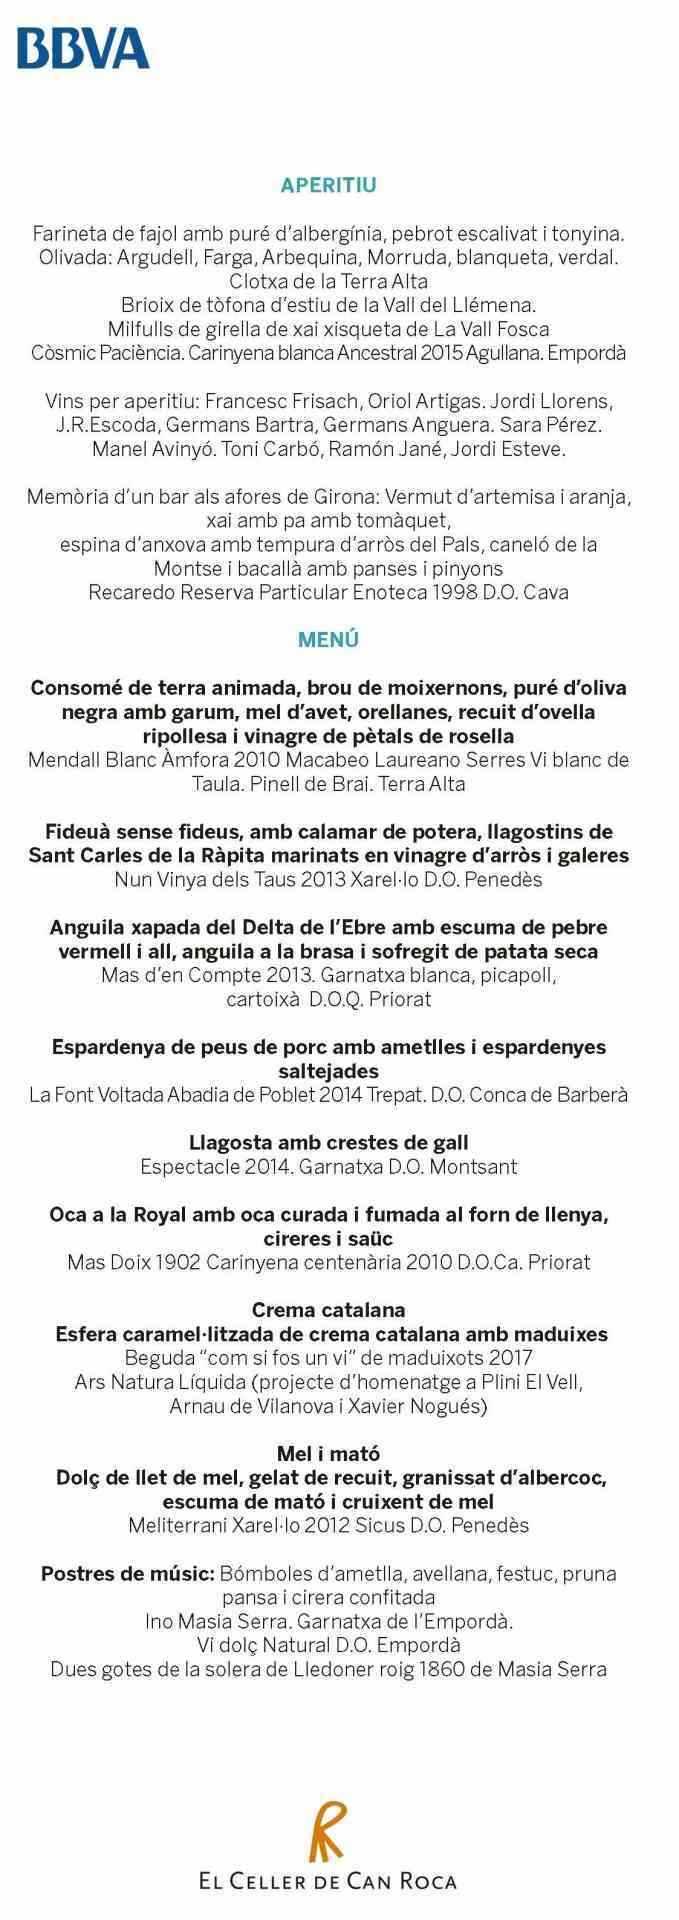 Menú gira Roca BBVA Barcelona